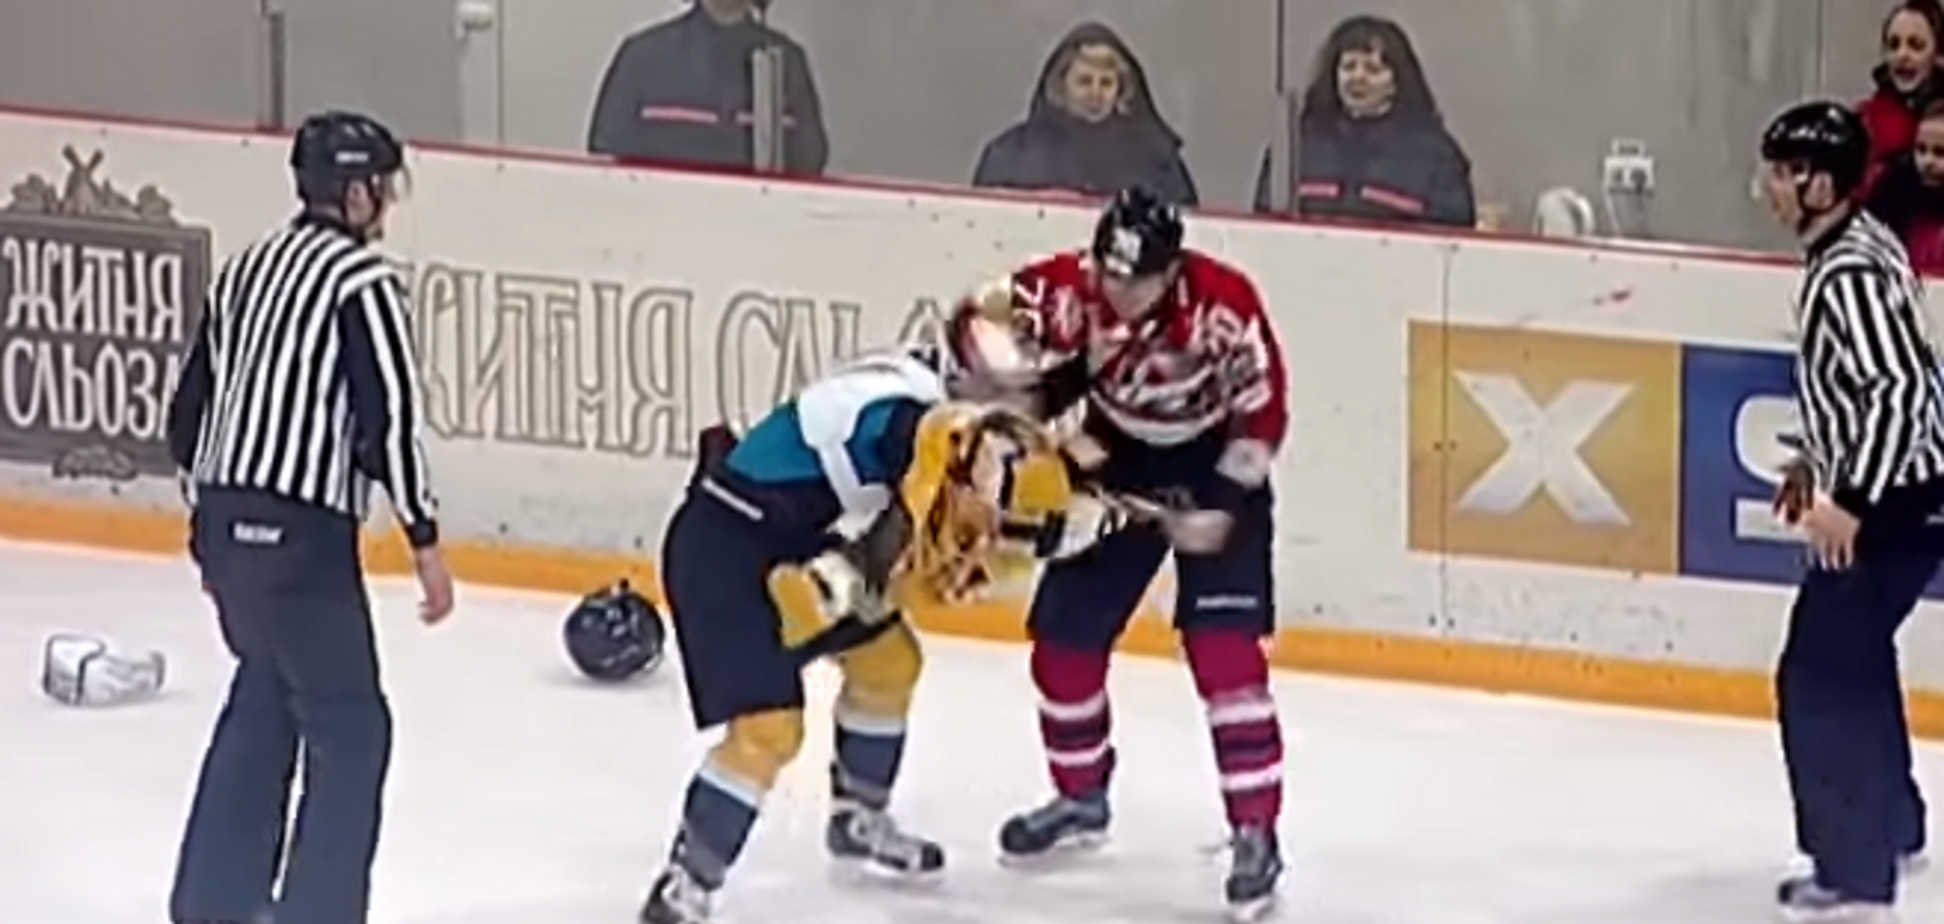 Українські хокеїсти влаштували масову бійку